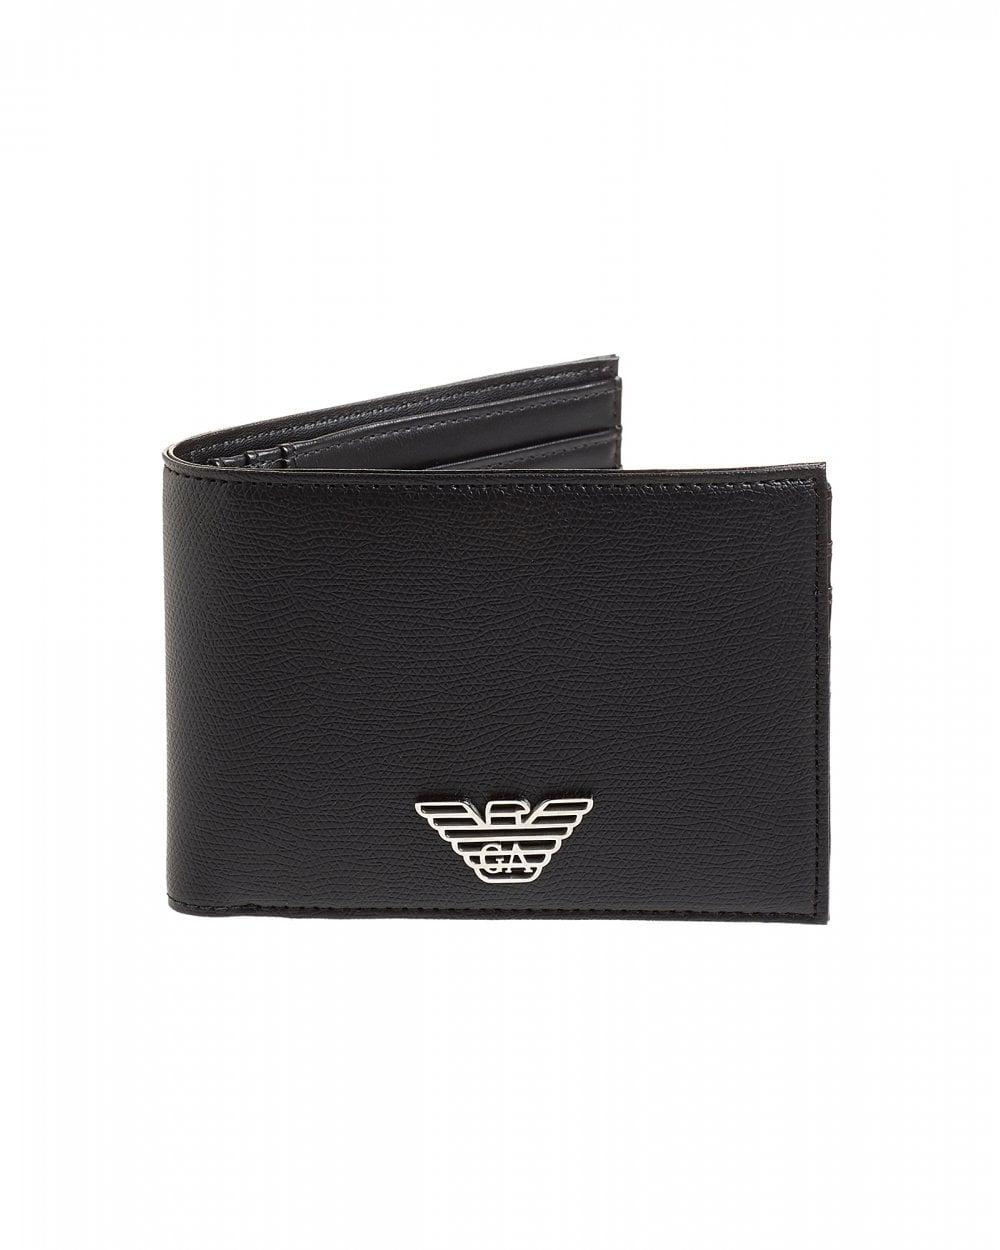 1da88e2b578c Emporio Armani Mens Metal Eagle Black Leather Billfold Wallet